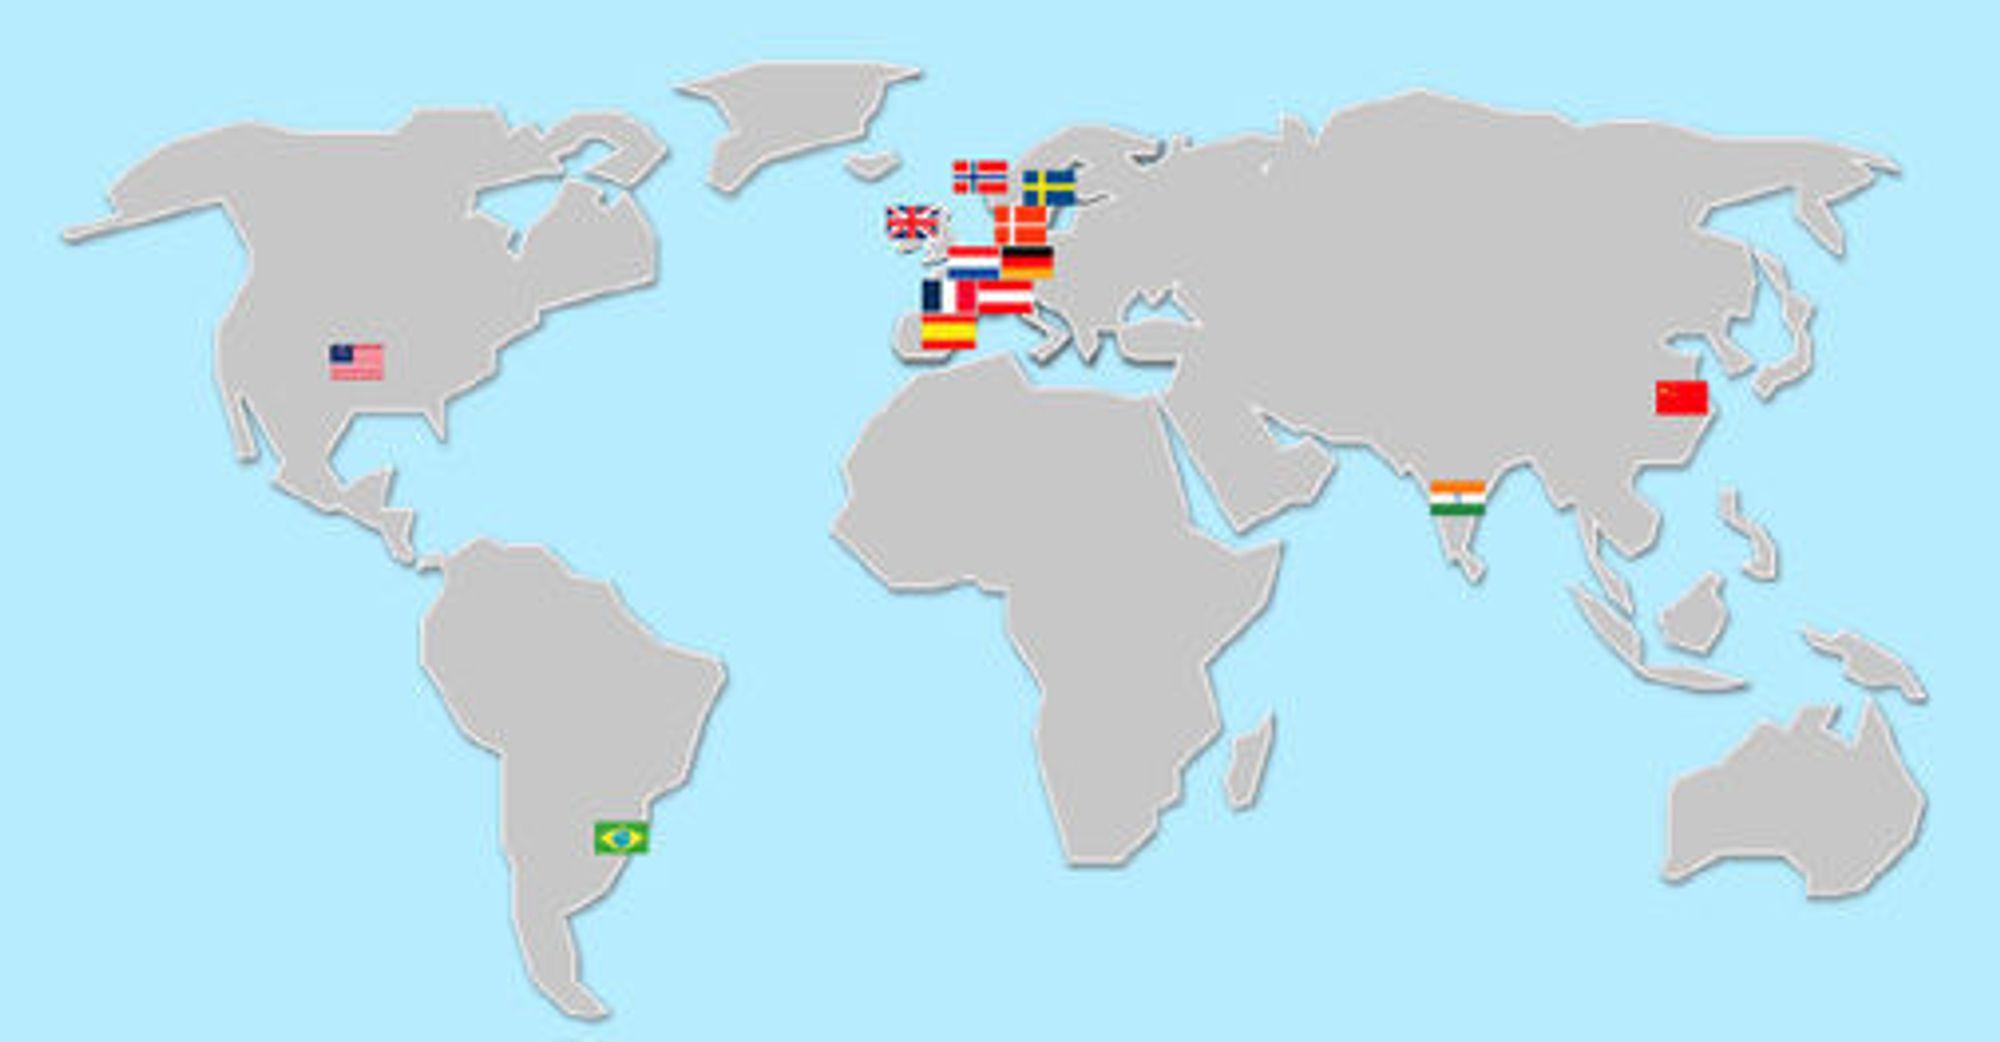 Varnish brukes av selskaper og organisasjoner i 15 land - som Linpro kjenner til.